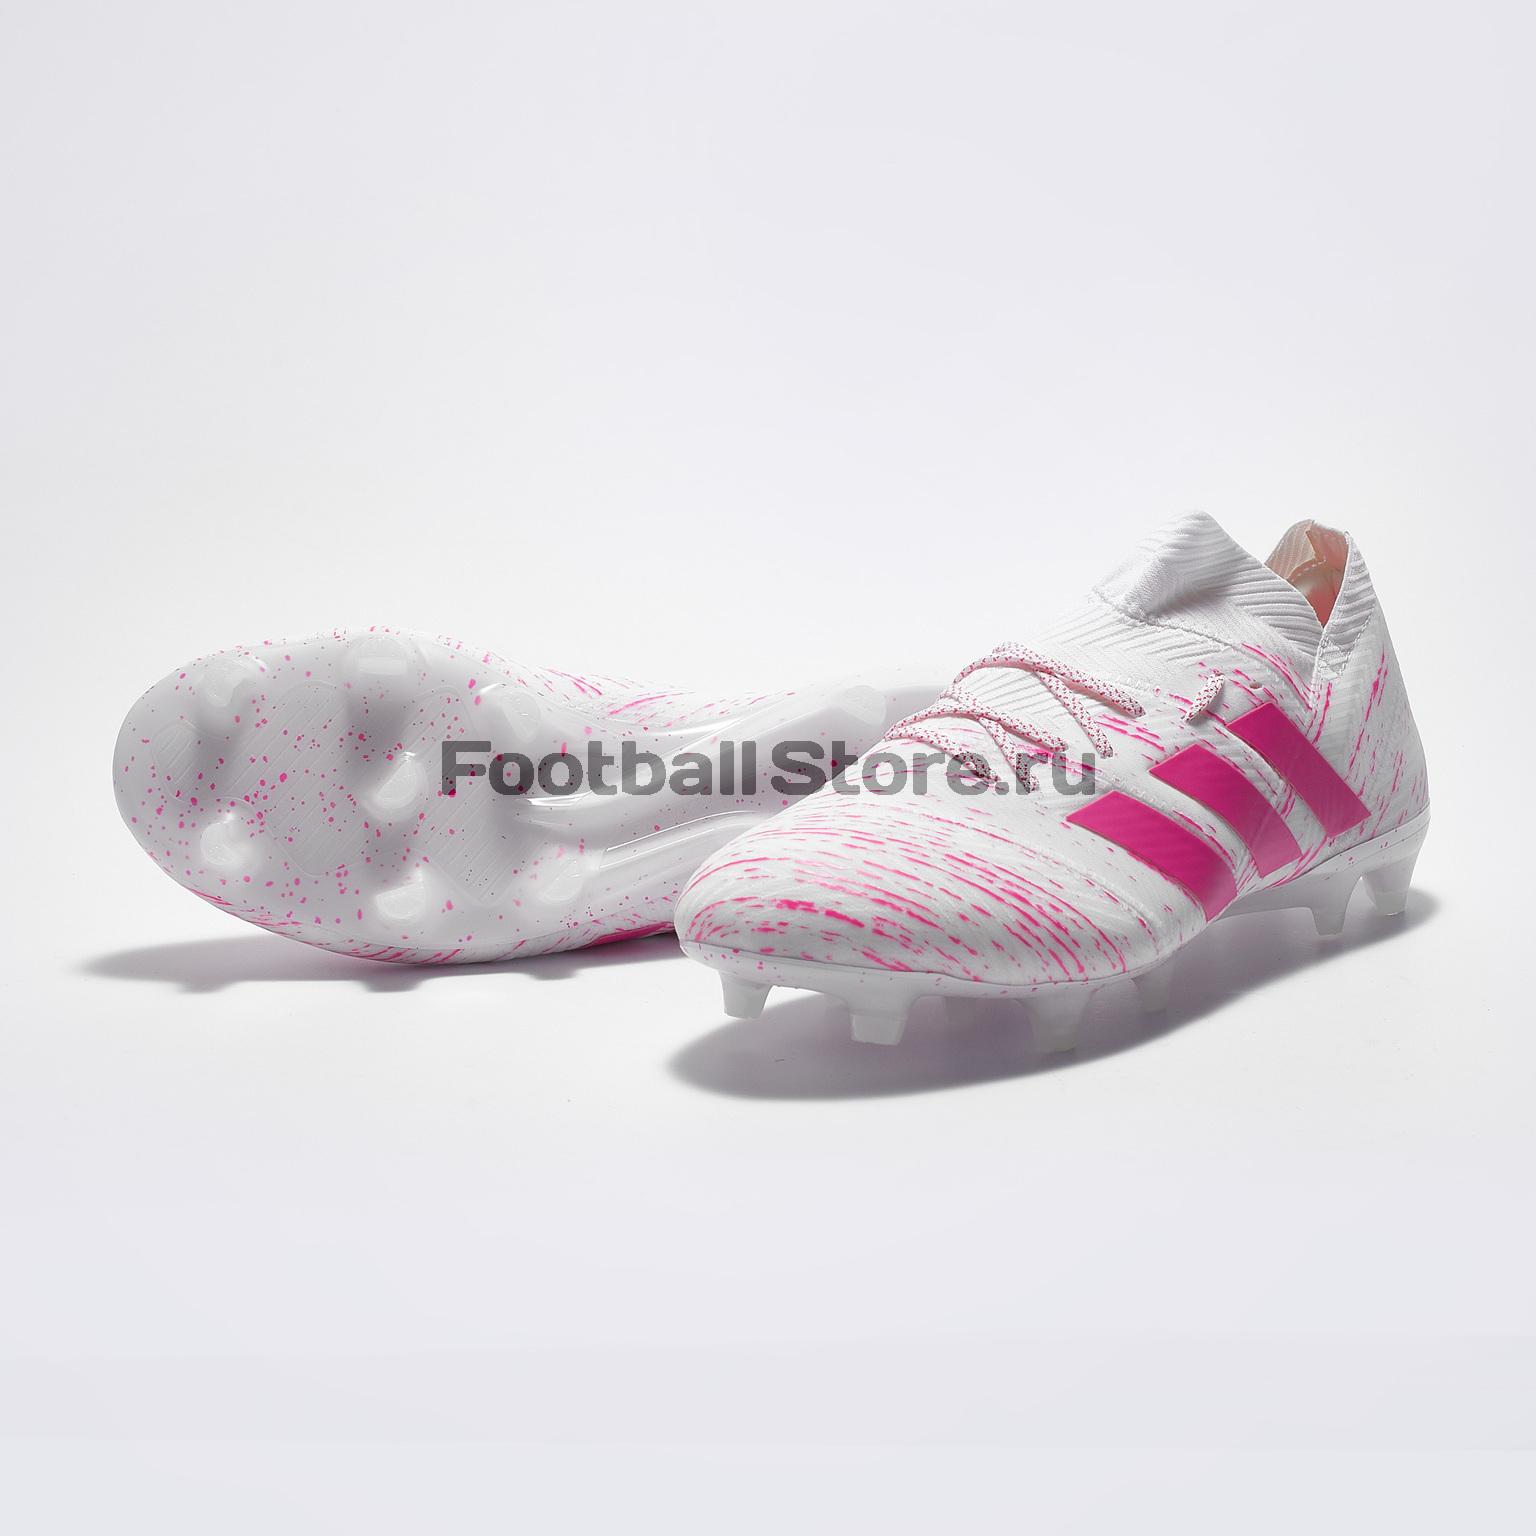 1d740175 Бутсы Adidas Nemeziz 18.1 FG BB9427 – купить бутсы в интернет ...